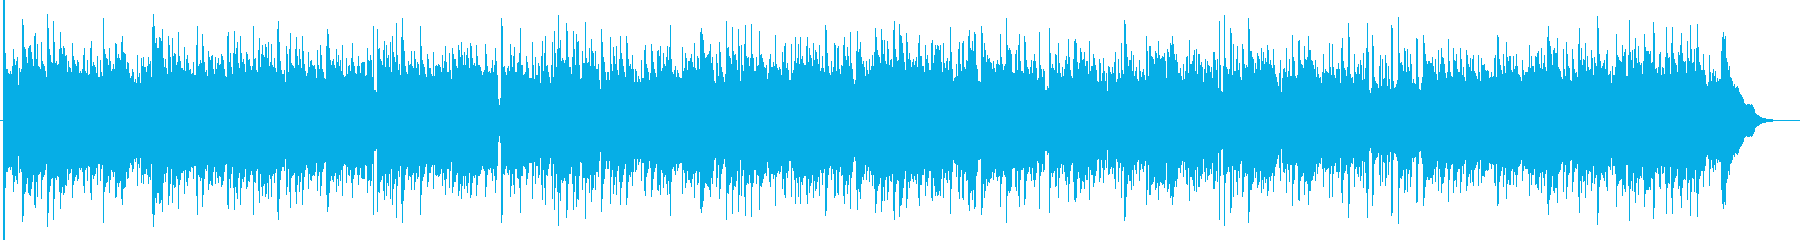 そよ風のように爽やかなアコギBGMの再生済みの波形